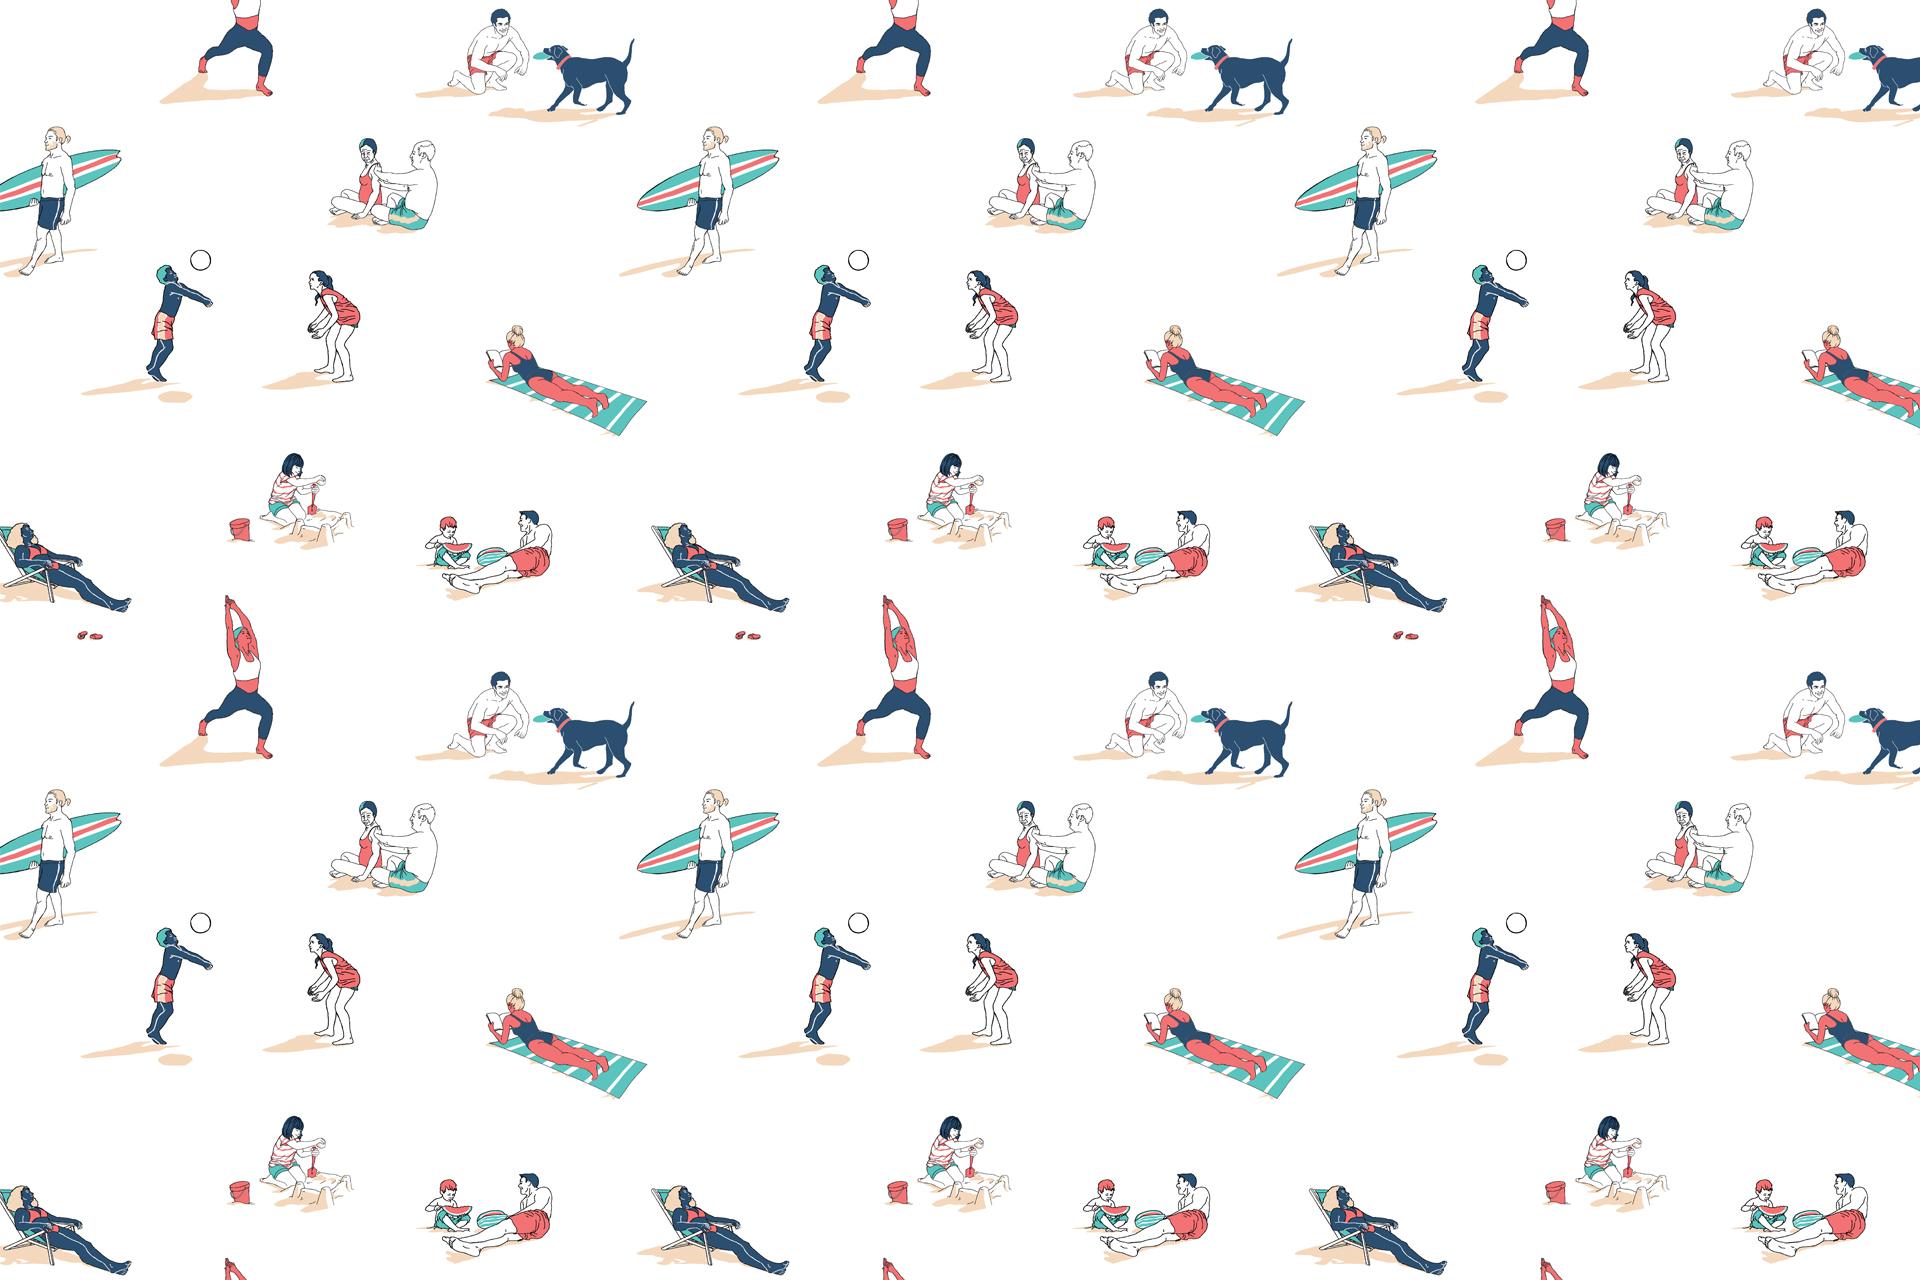 patternpic1.jpg